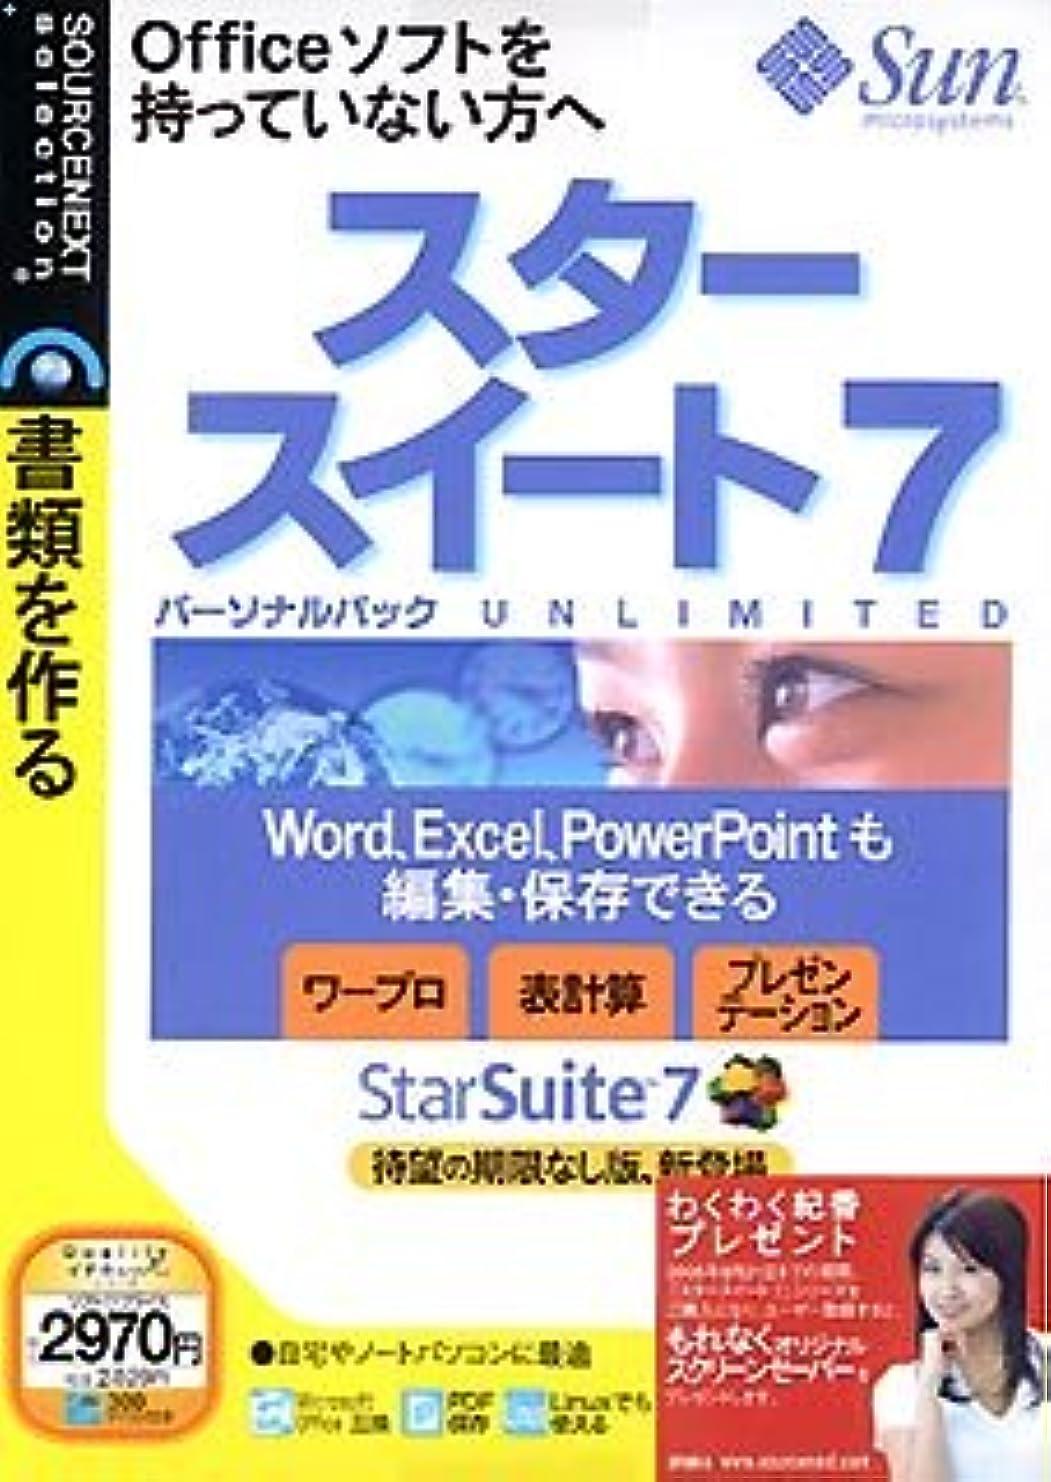 賢い成長差し迫ったStar Suite 7 パーソナルパック UNLIMTED (説明扉付きスリムパッケージ版)